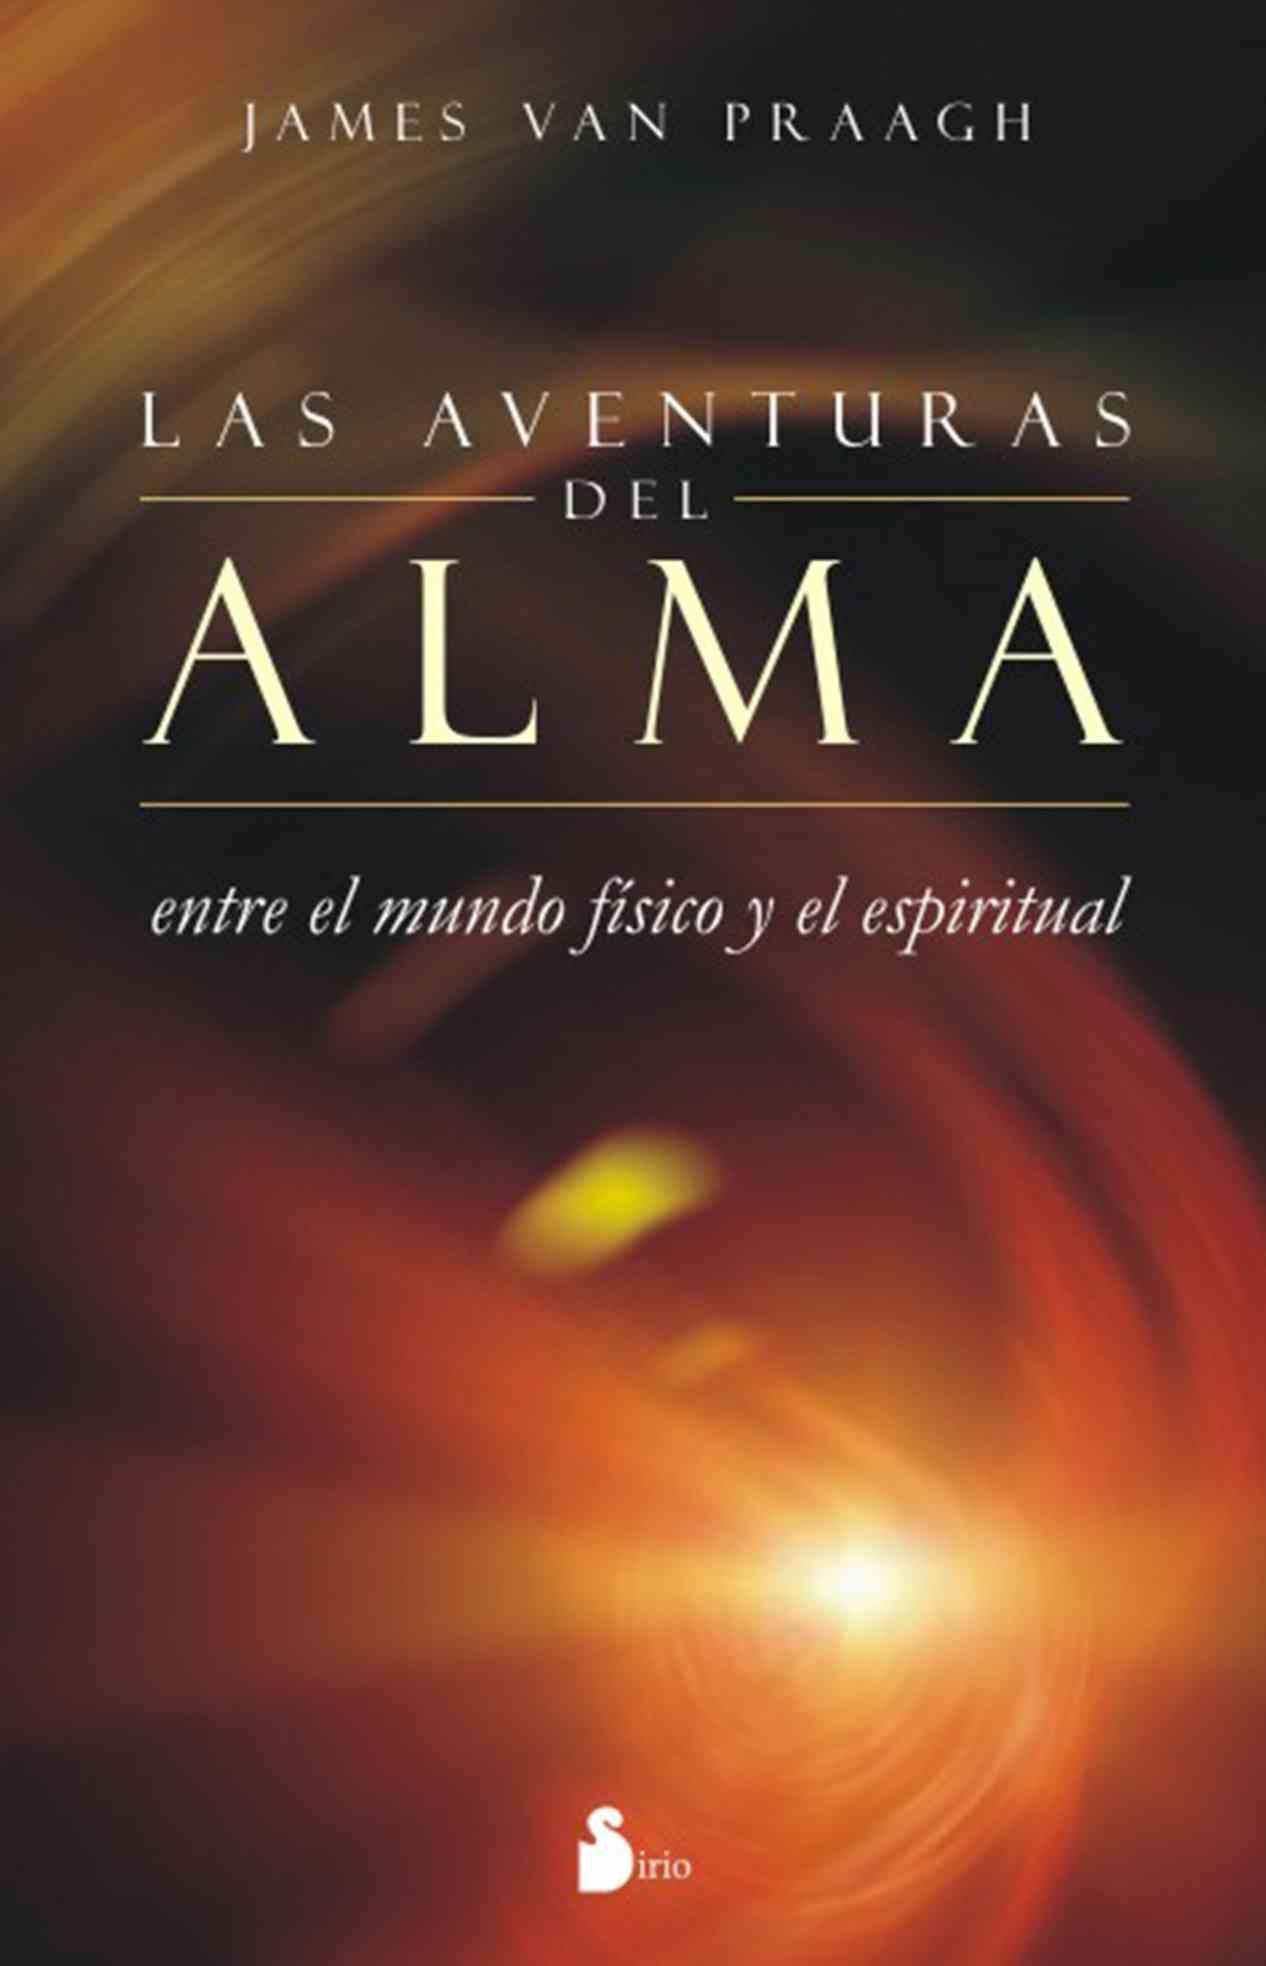 Las aventuras del alma / Adventures of the Soul: Entre El Mundo Fisico Y El Espiritual